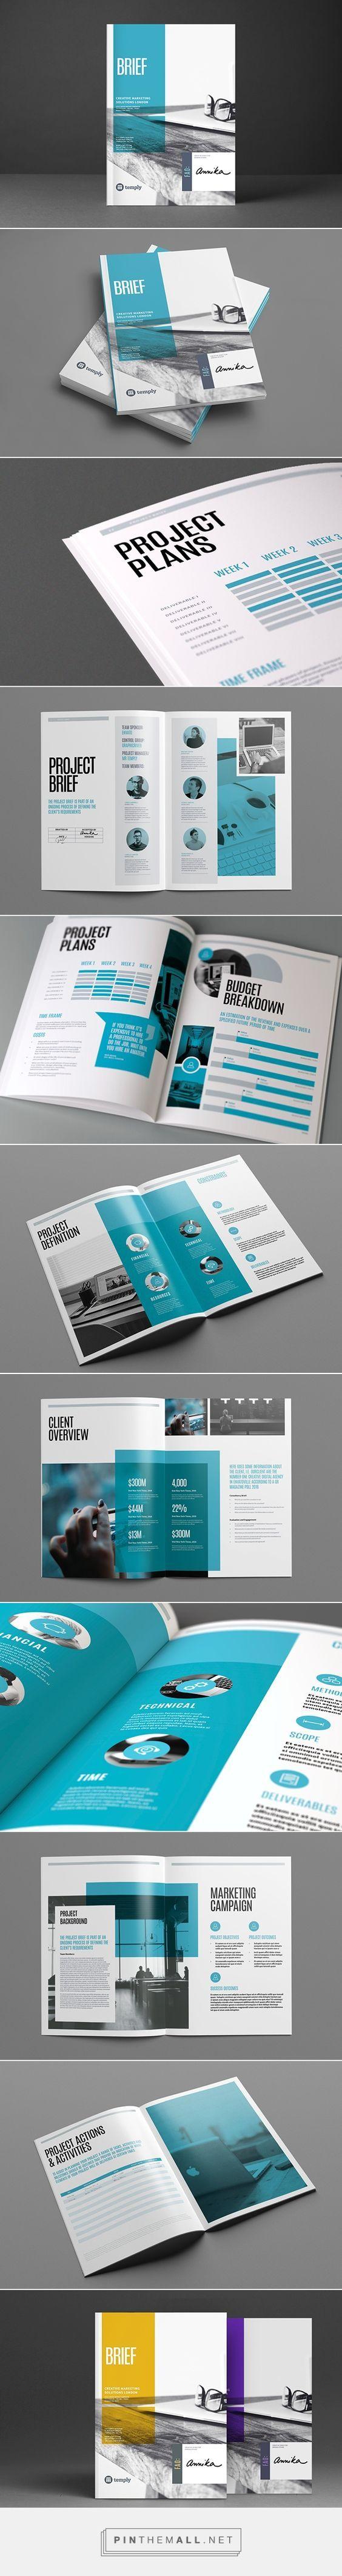 Brief Editorial Design, Graphic Design, Print Design - created via…